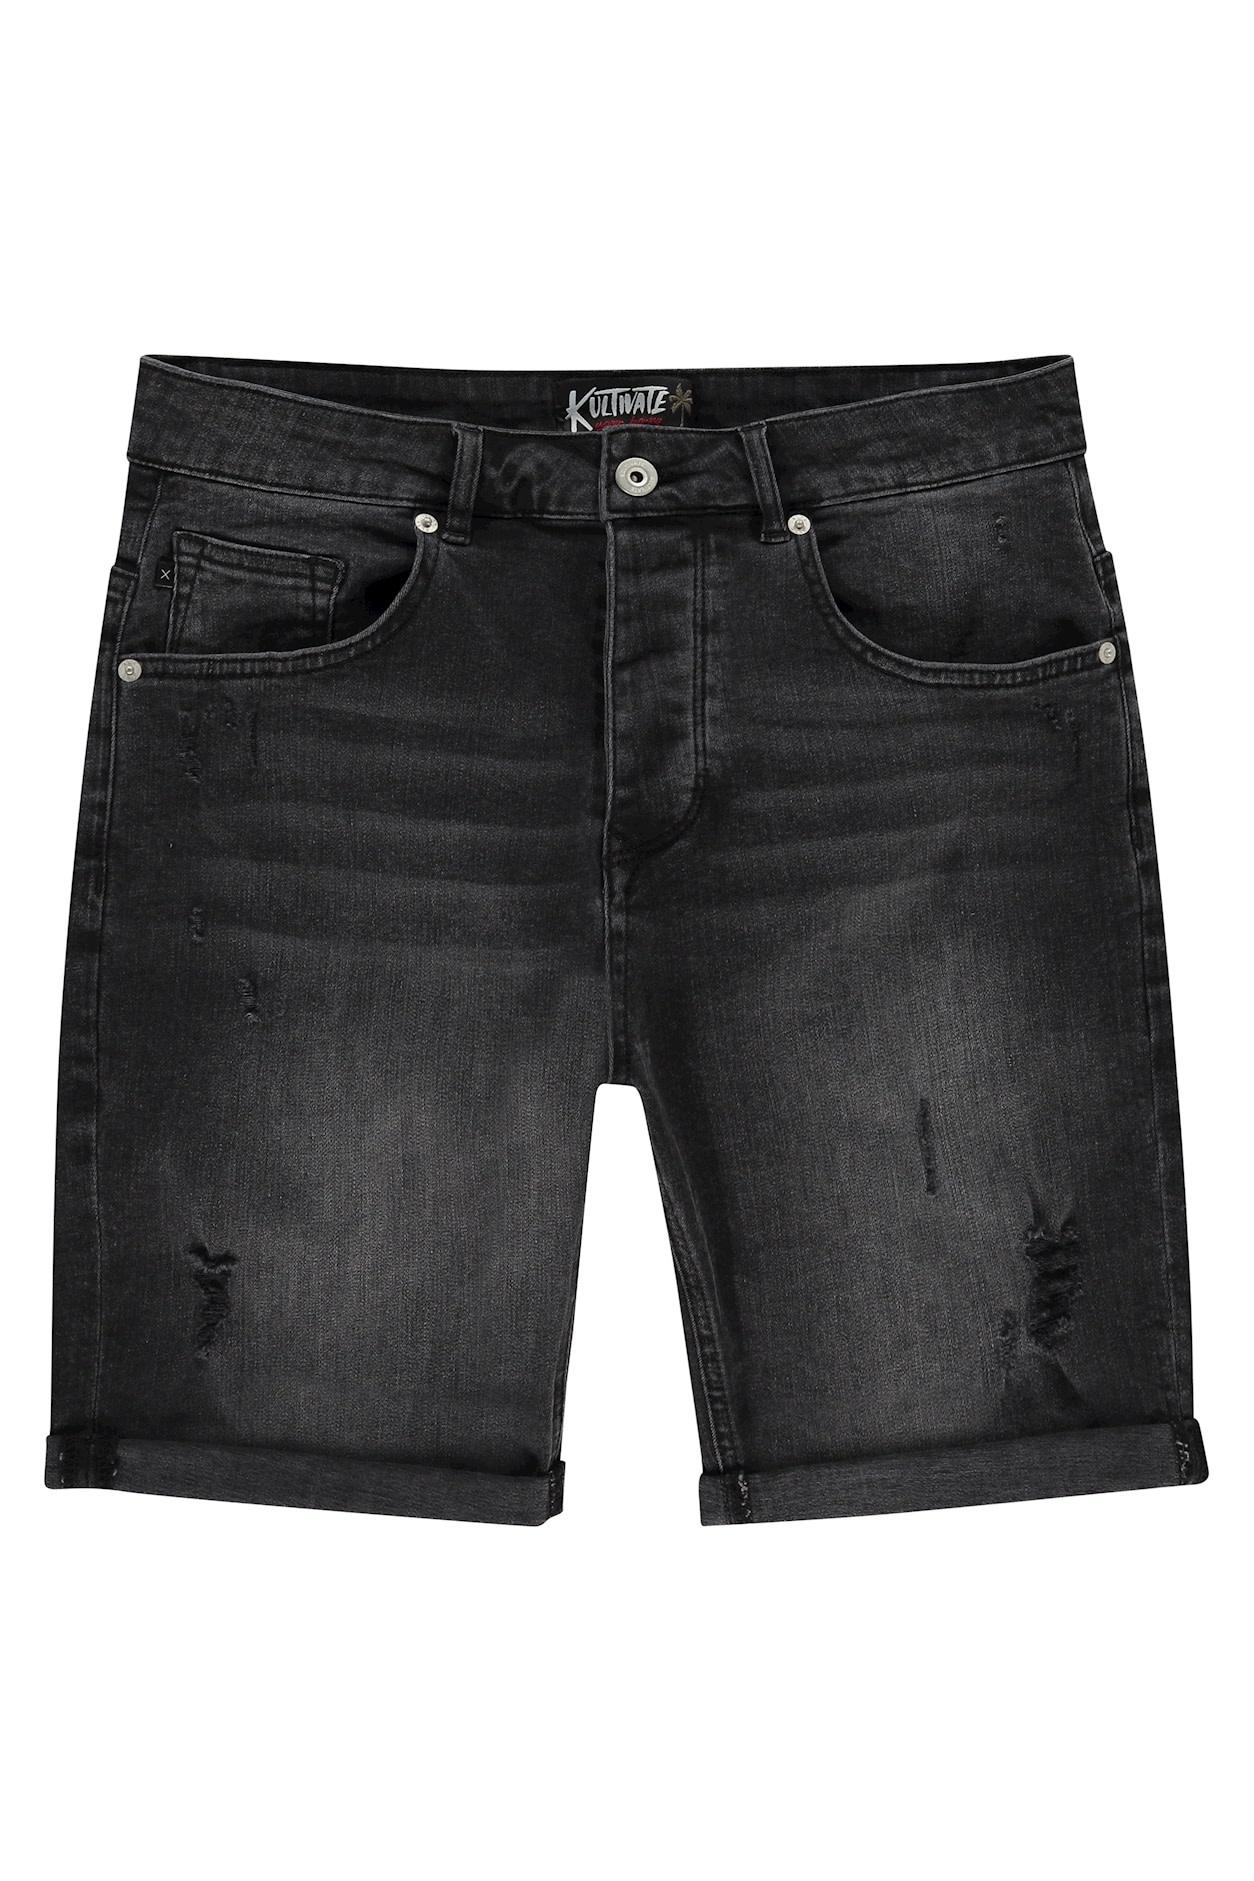 Kultivate Kultivate 5-pocket Damaged Denim short black